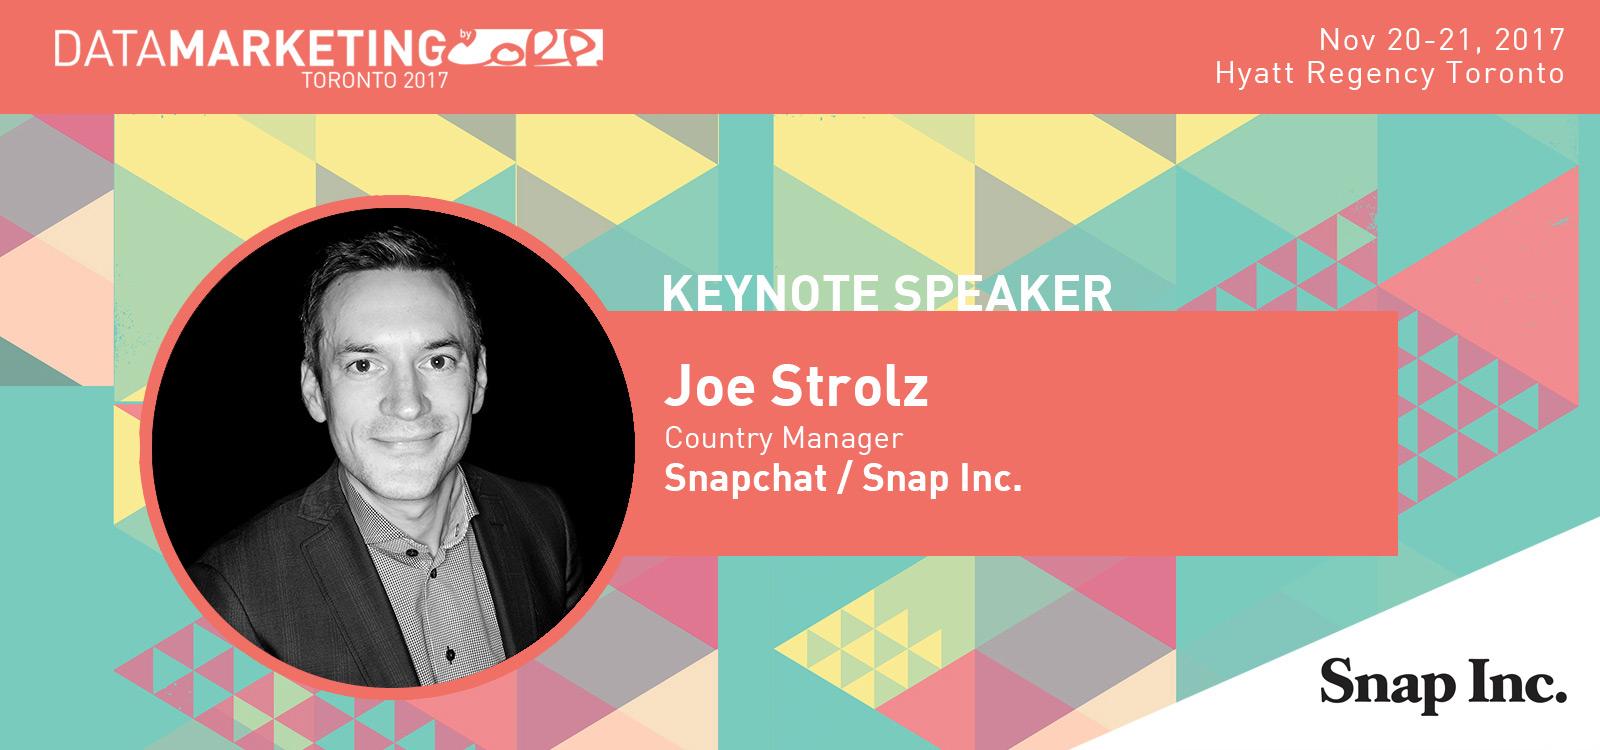 Joe Strolz Snapchat